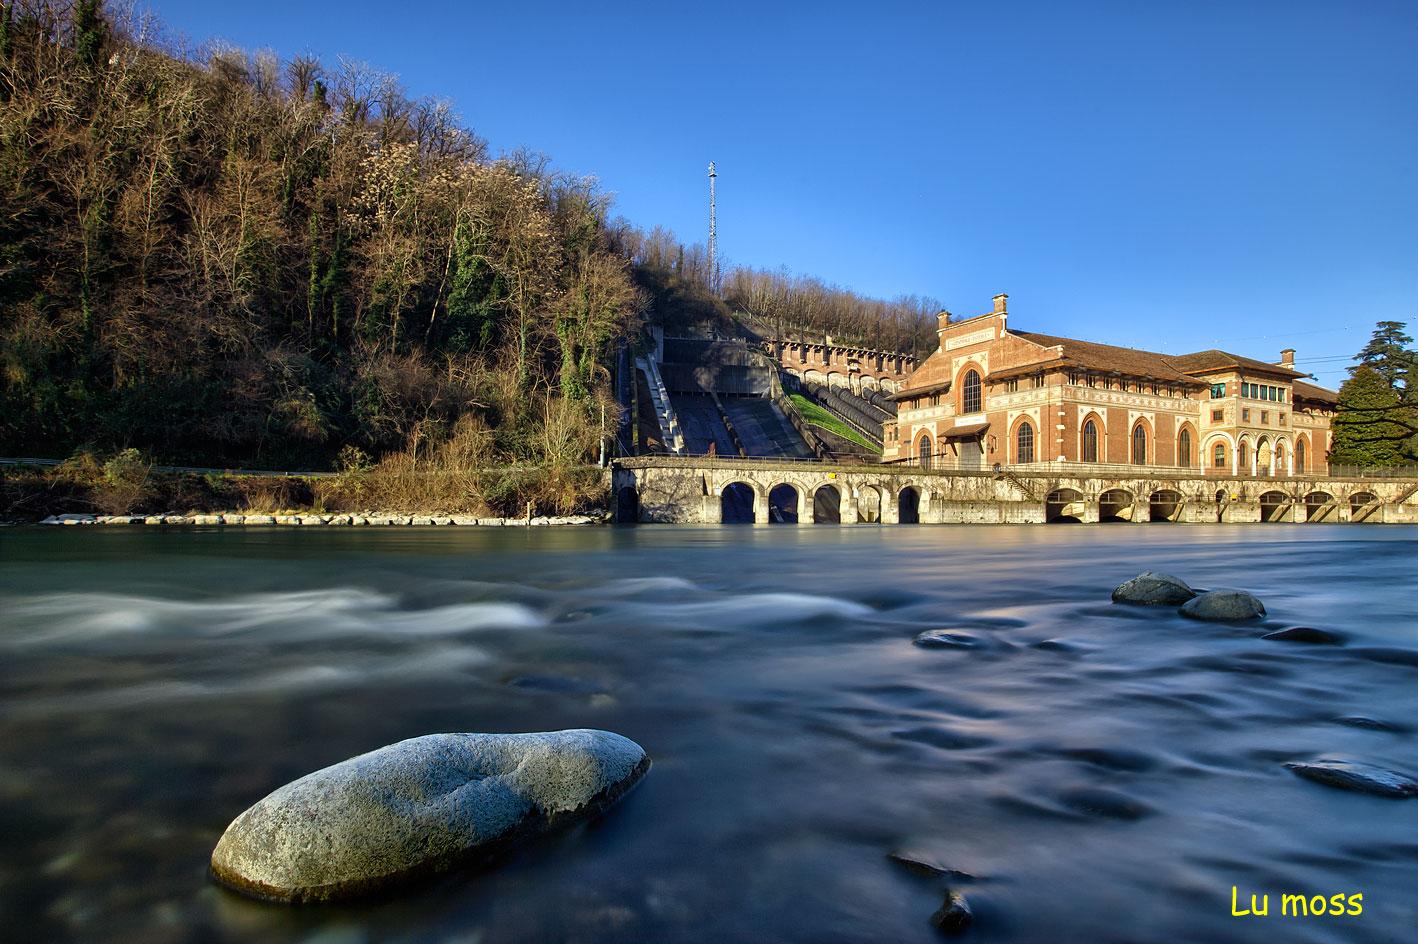 Hydroelectric Esterle...